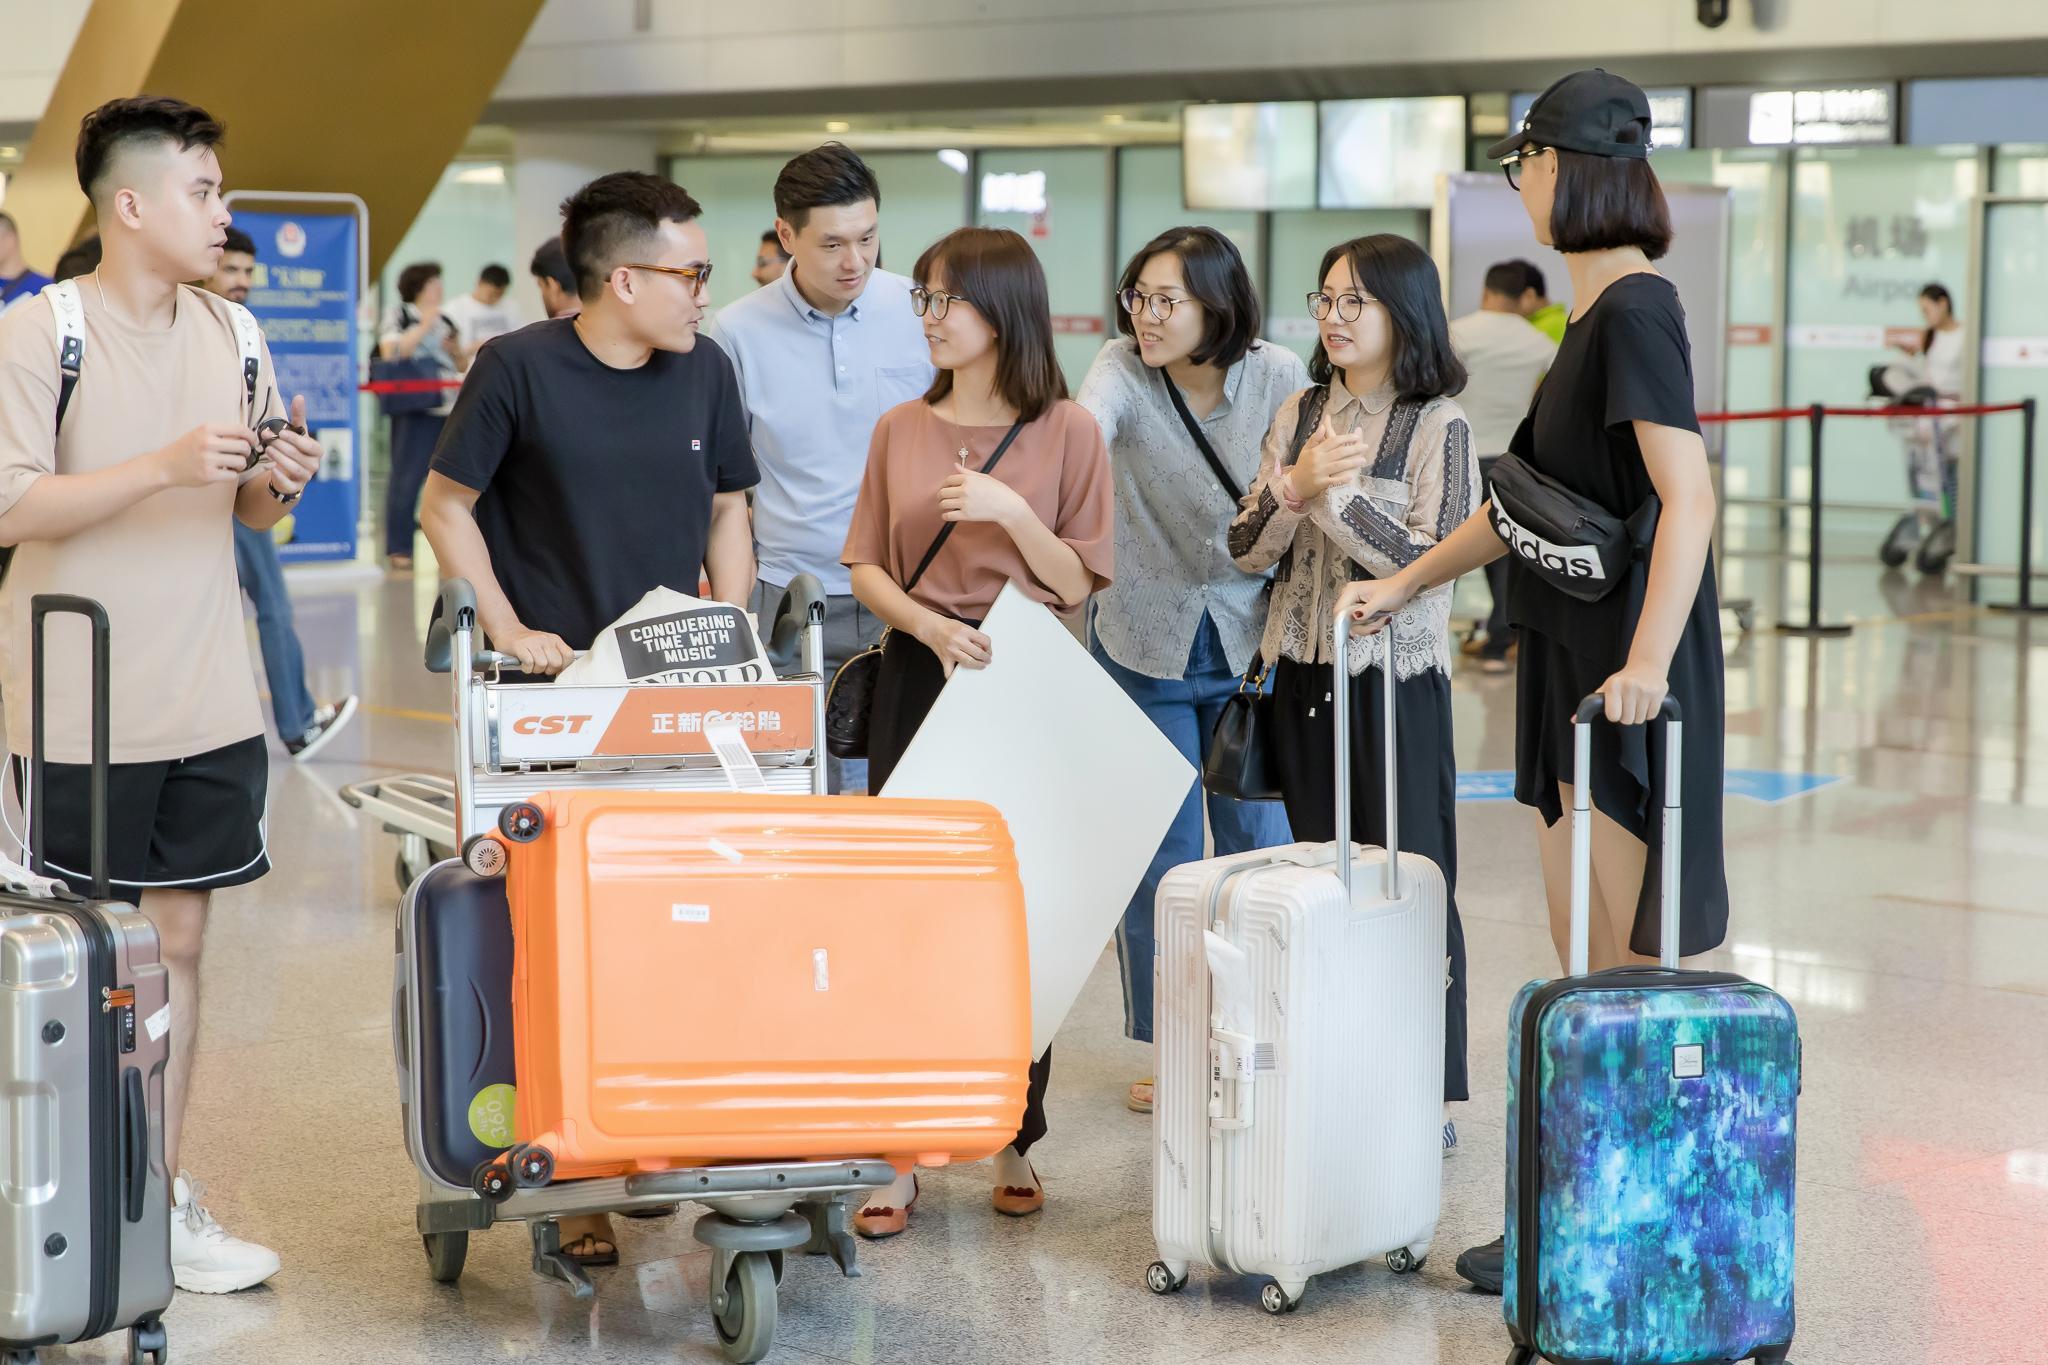 Hồng Quế trình diễn cho NTK Hà Duy tại Trung Quốc Ảnh 2